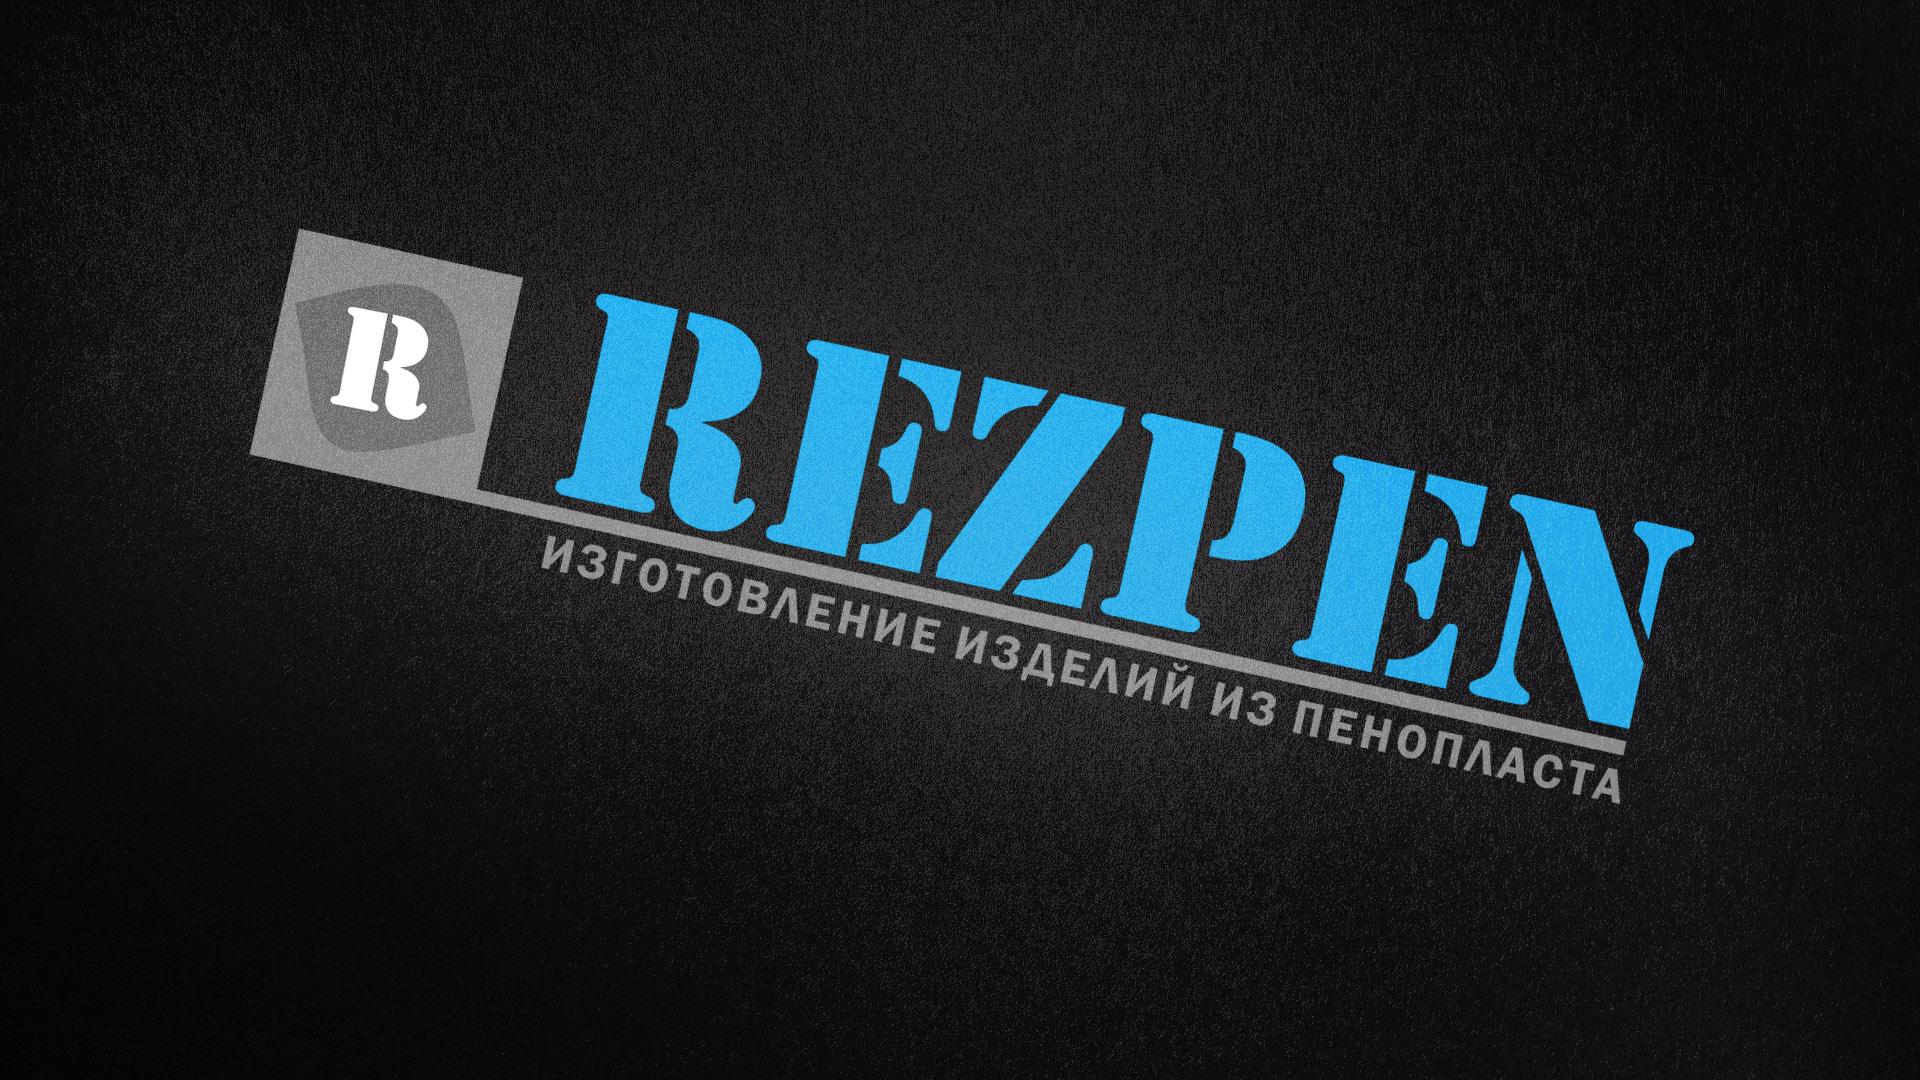 Редизайн логотипа фото f_3665a4fa6a8cf0d9.jpg